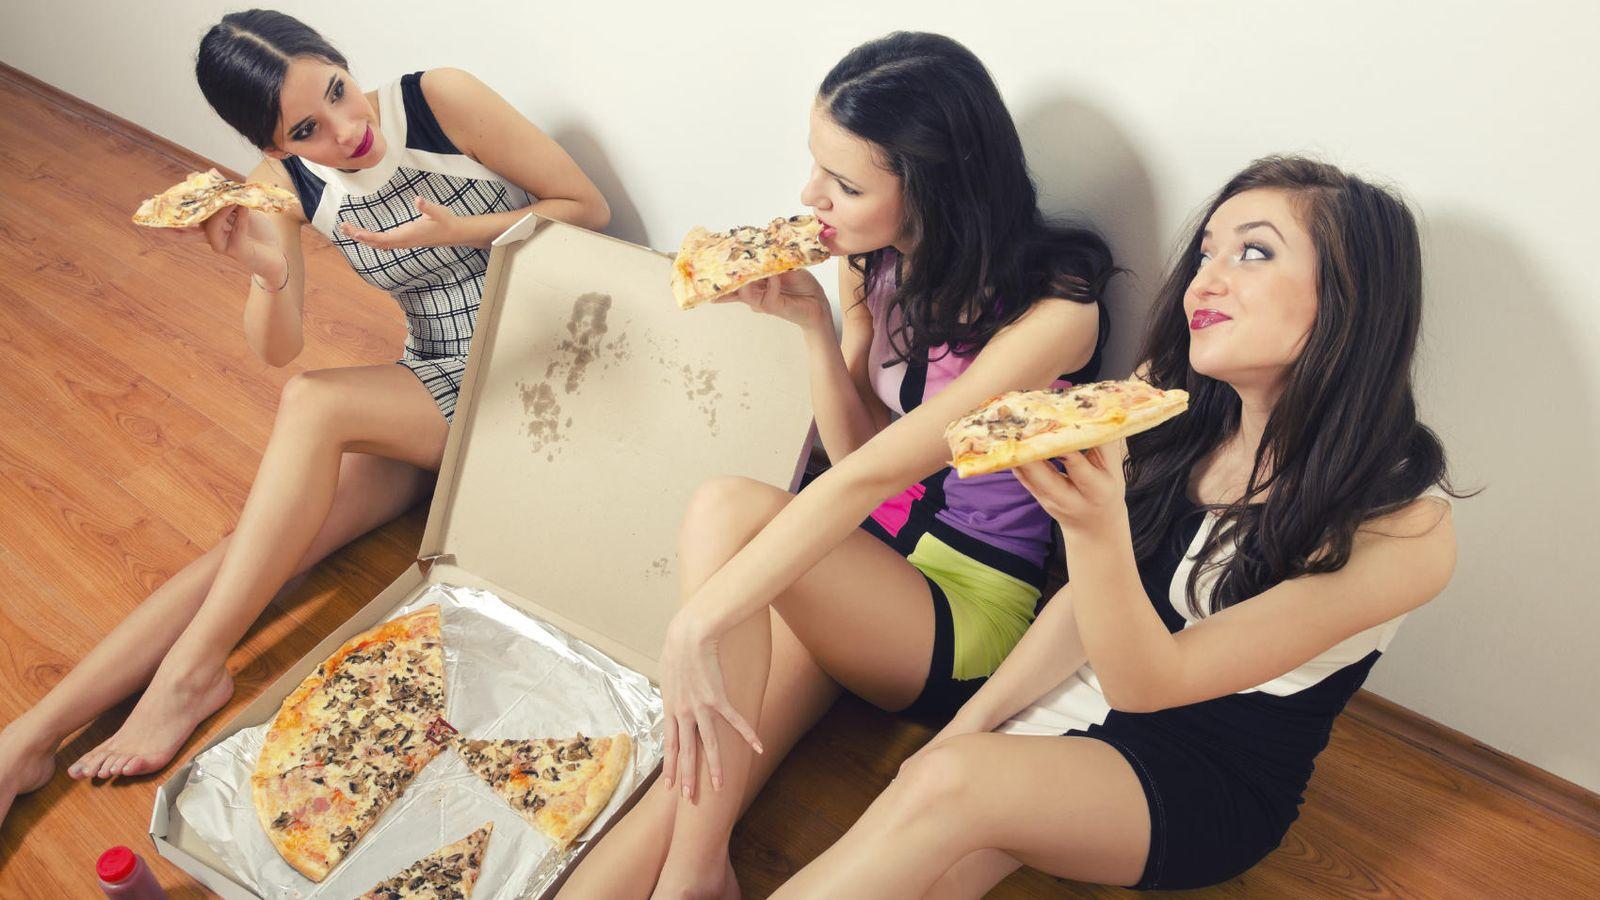 Foto: ¿Por qué ellas se empachan a pizza y están divinas? ¿Magia negra? (iStock)